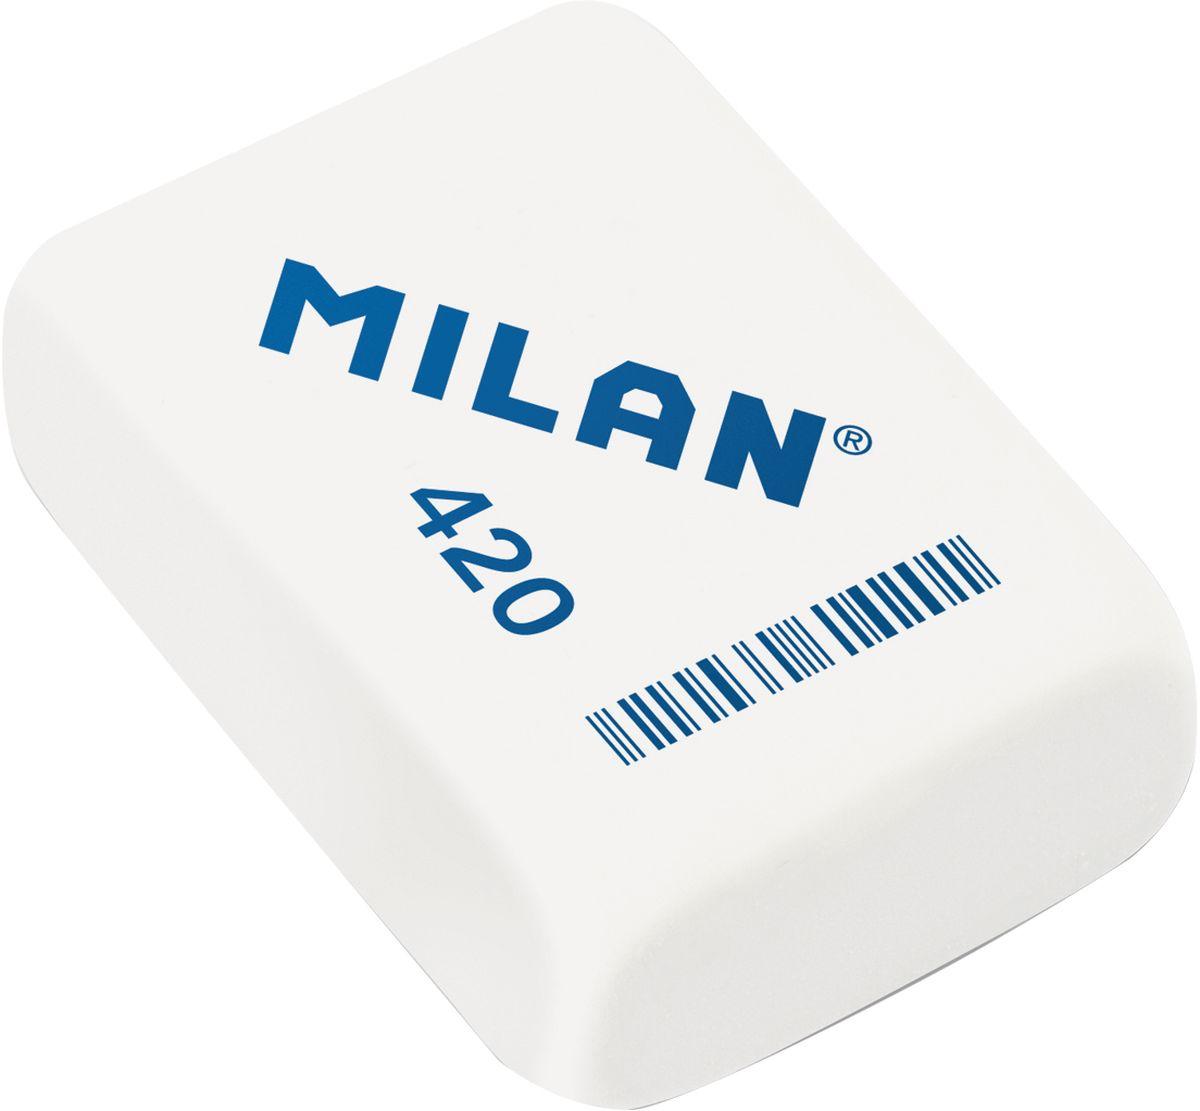 Milan Ластик 420 цвет белыйFS-36054Поликомпонентный ластик Milan традиционной формы имеет высокую абсорбцию и великолепную структуру.